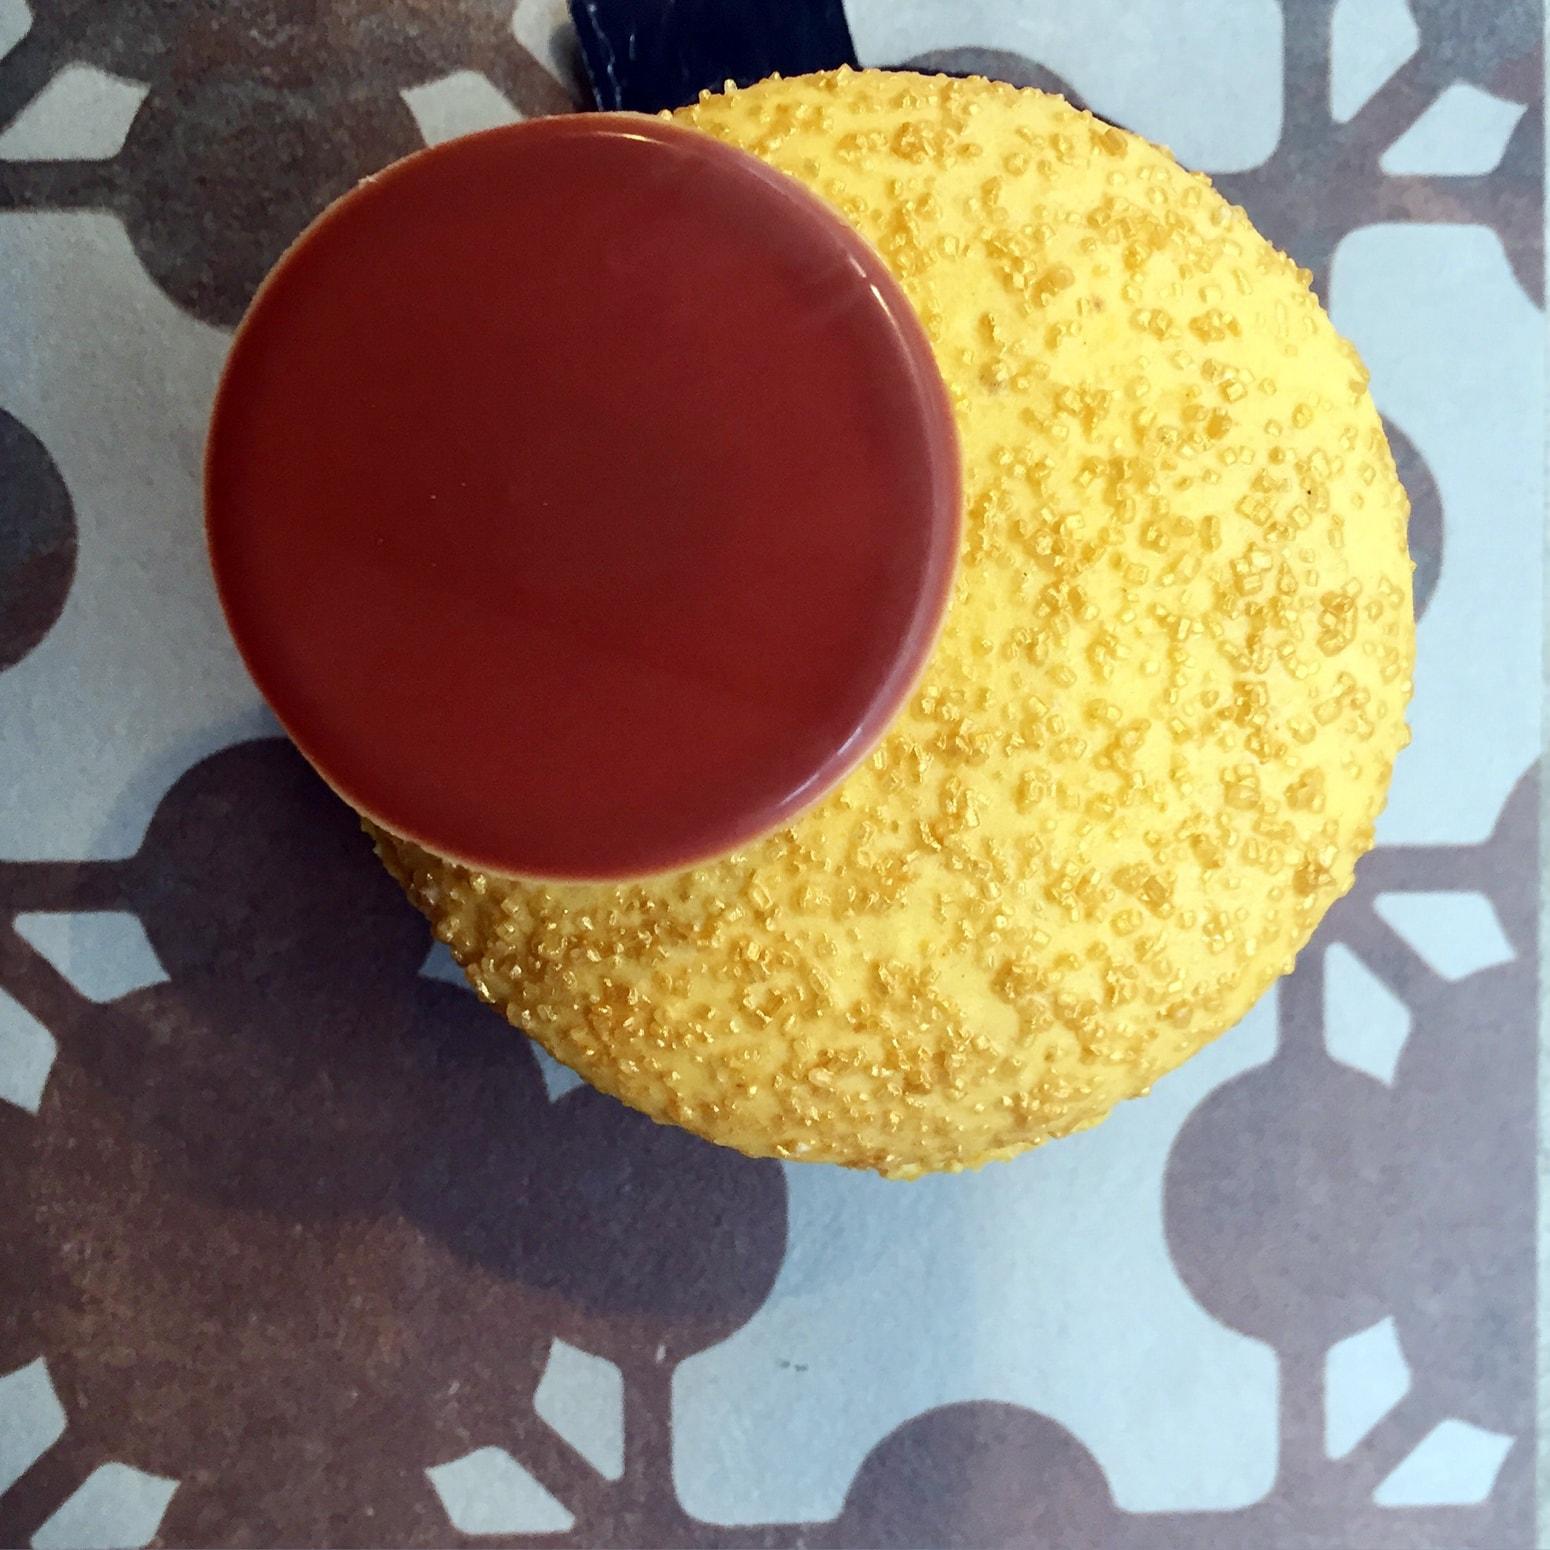 A gluten free pastries: Onde 2 Choc